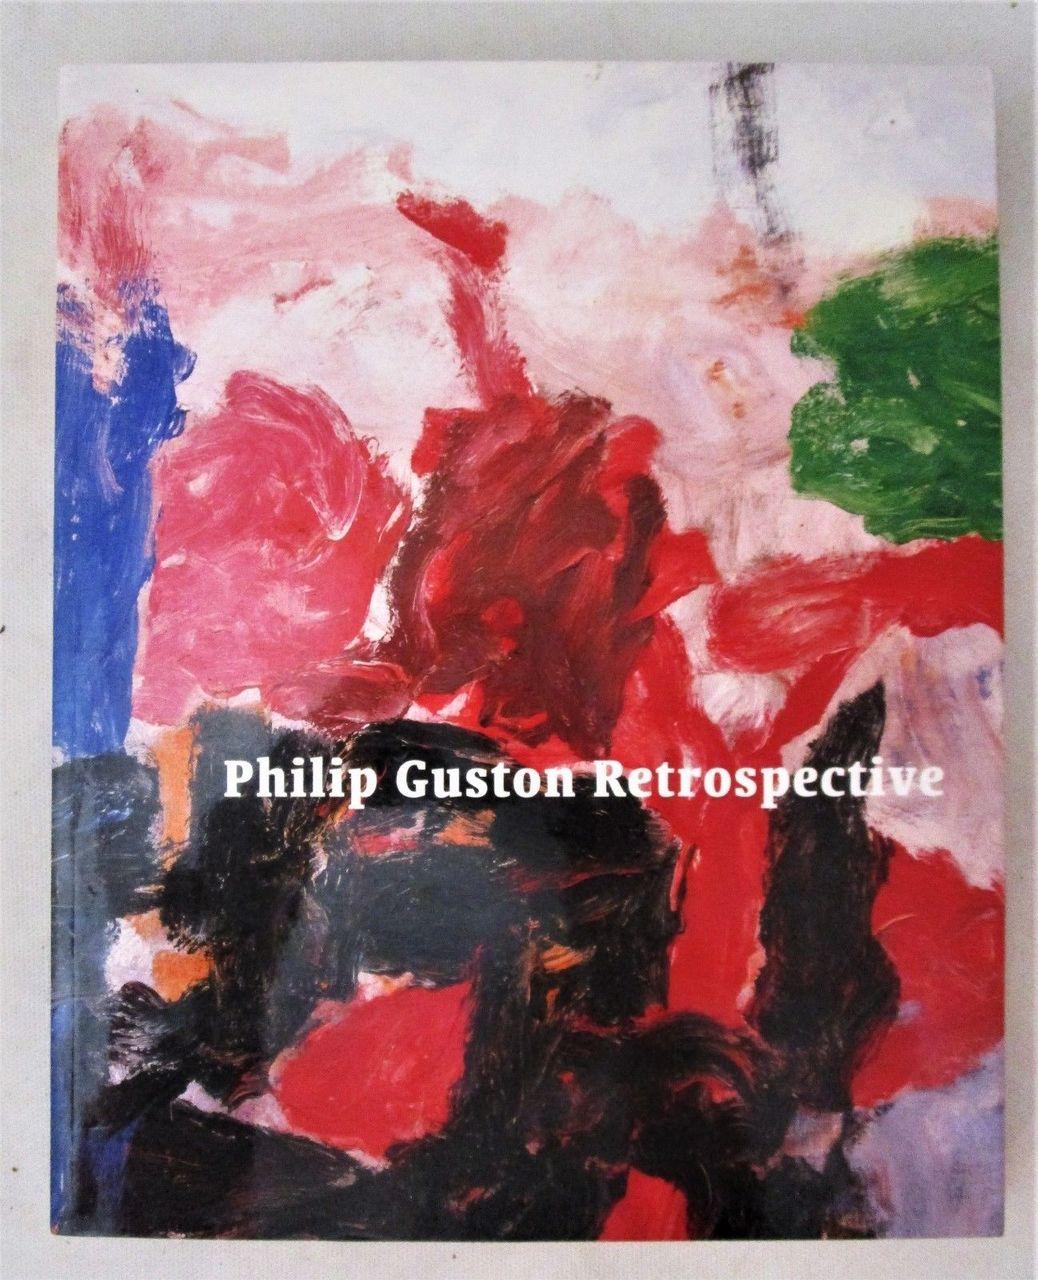 PHILIP GUSTON RETROSPECTIVE - 2004